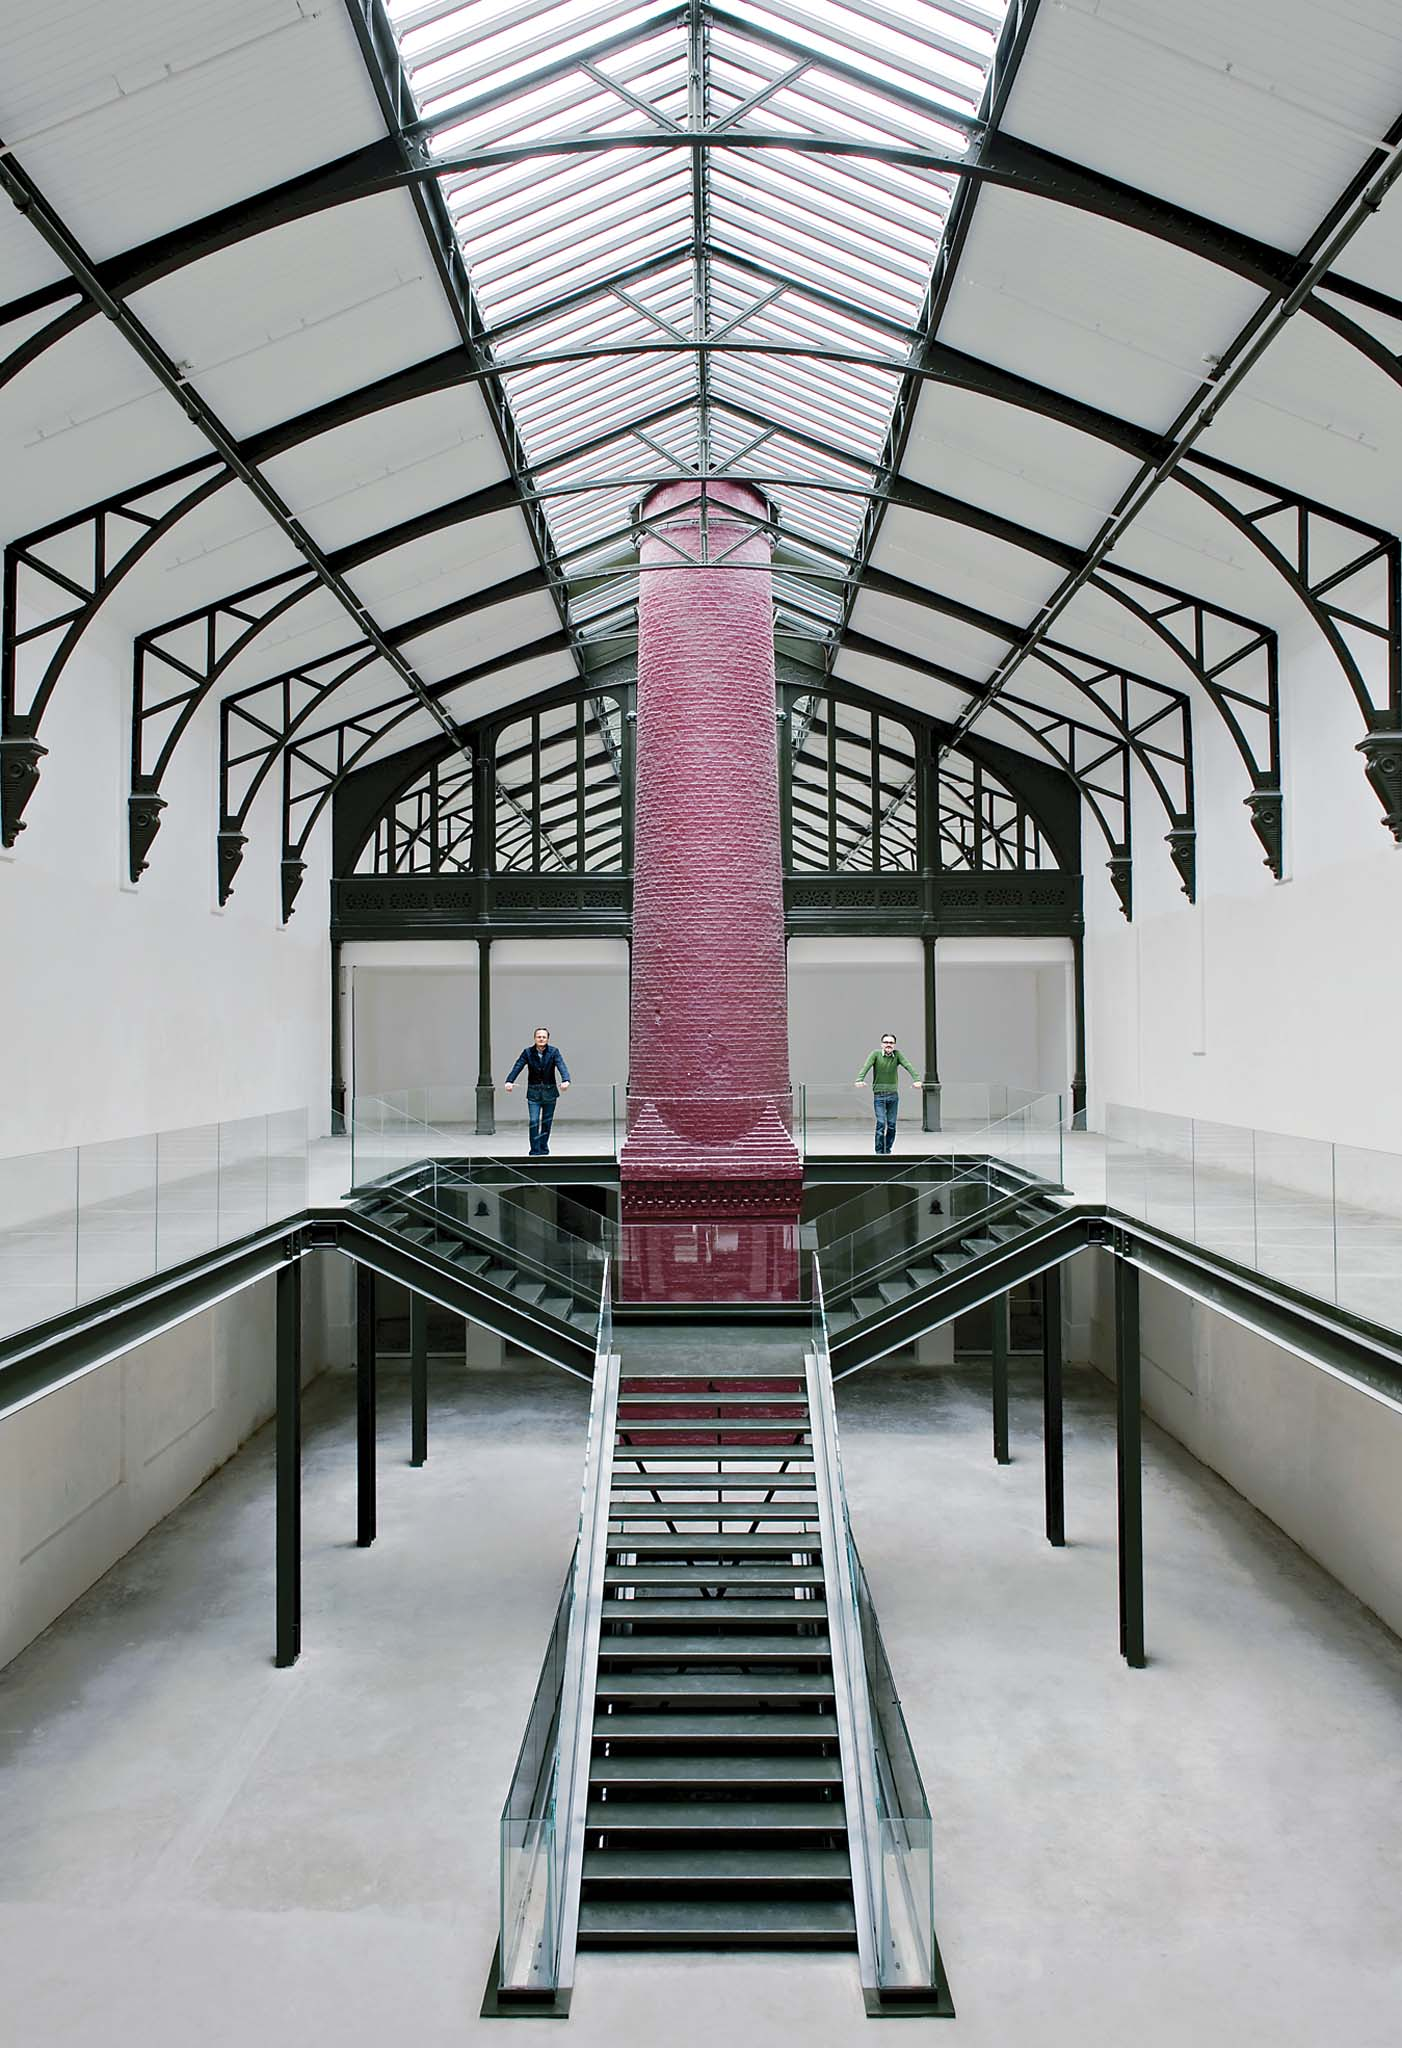 Agence pierre audat boutique mus e paris ive for Agence architecture interieur paris